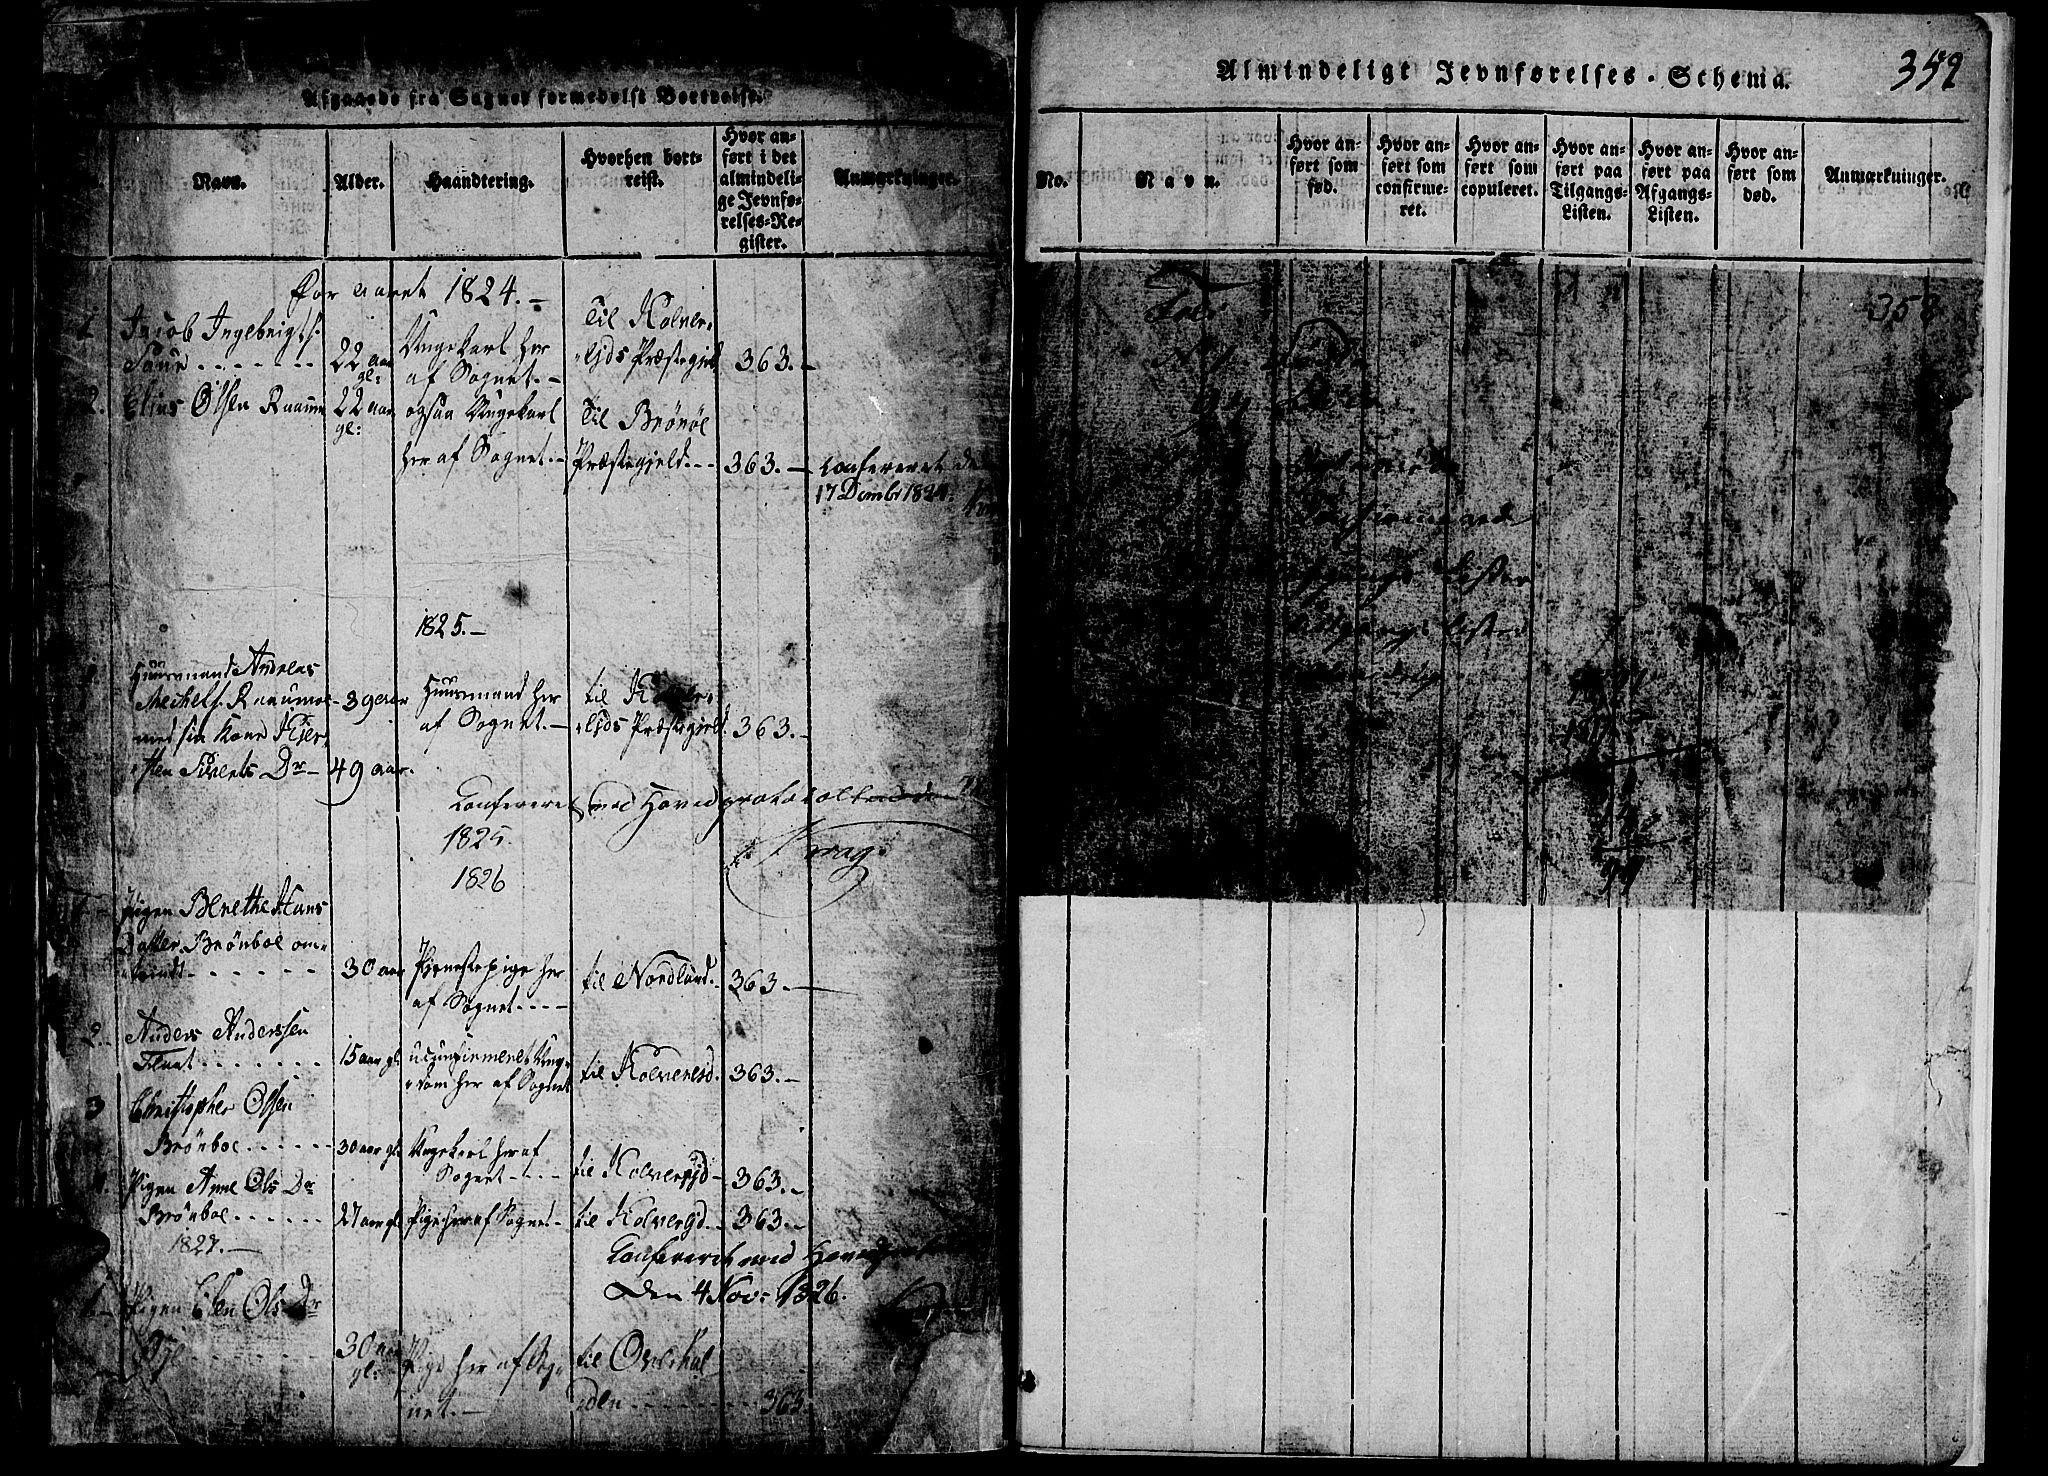 SAT, Ministerialprotokoller, klokkerbøker og fødselsregistre - Nord-Trøndelag, 765/L0562: Klokkerbok nr. 765C01, 1817-1851, s. 359